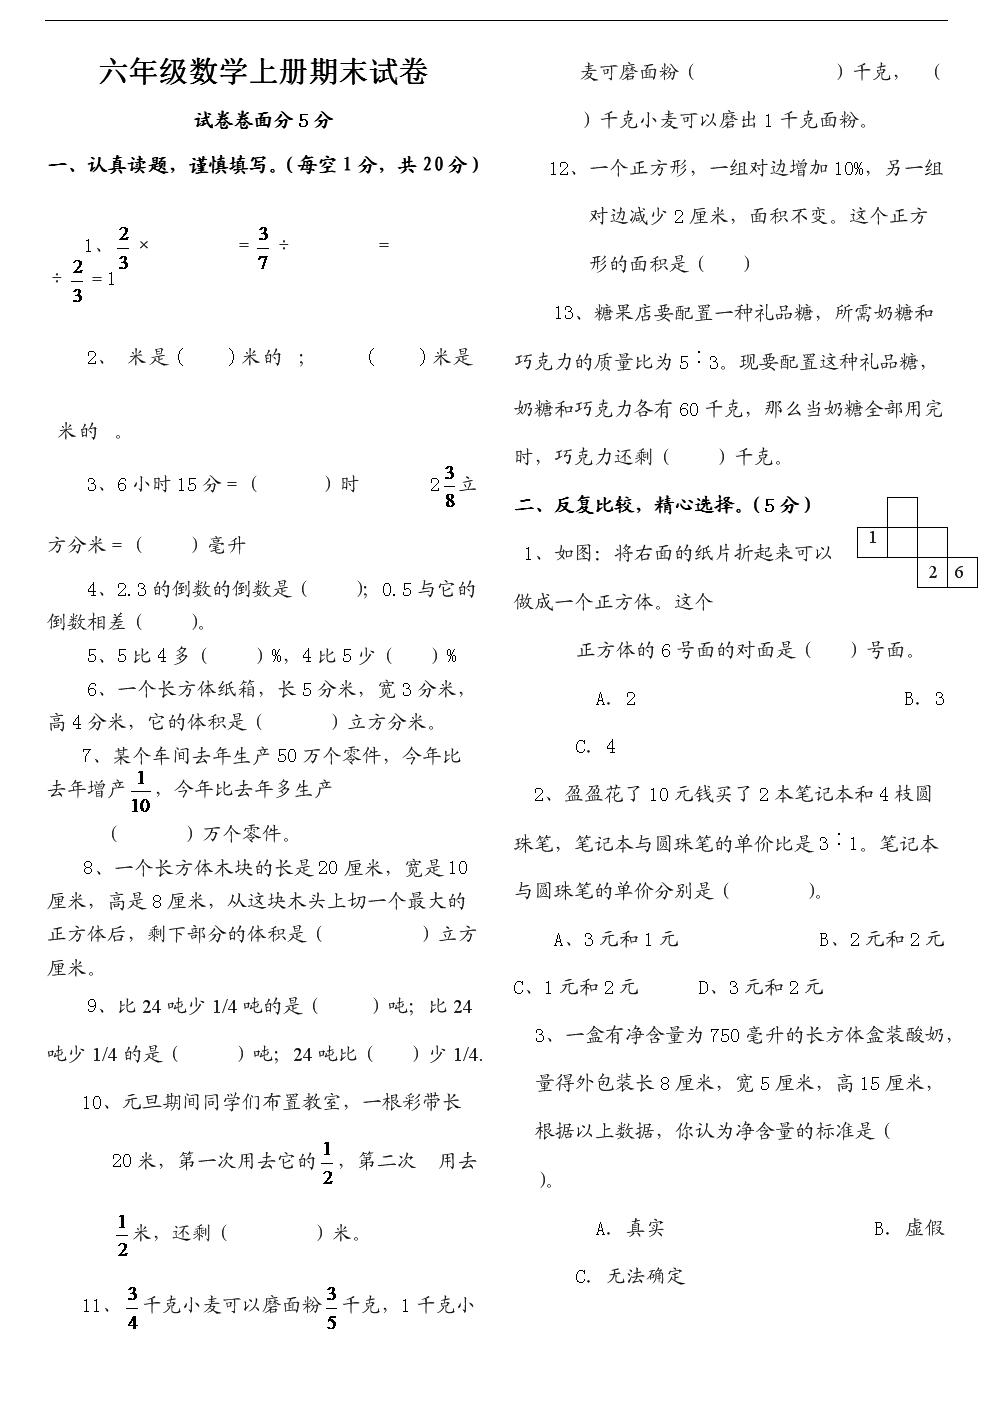 苏教版小学六年级数学上册期末测试题共7套.doc